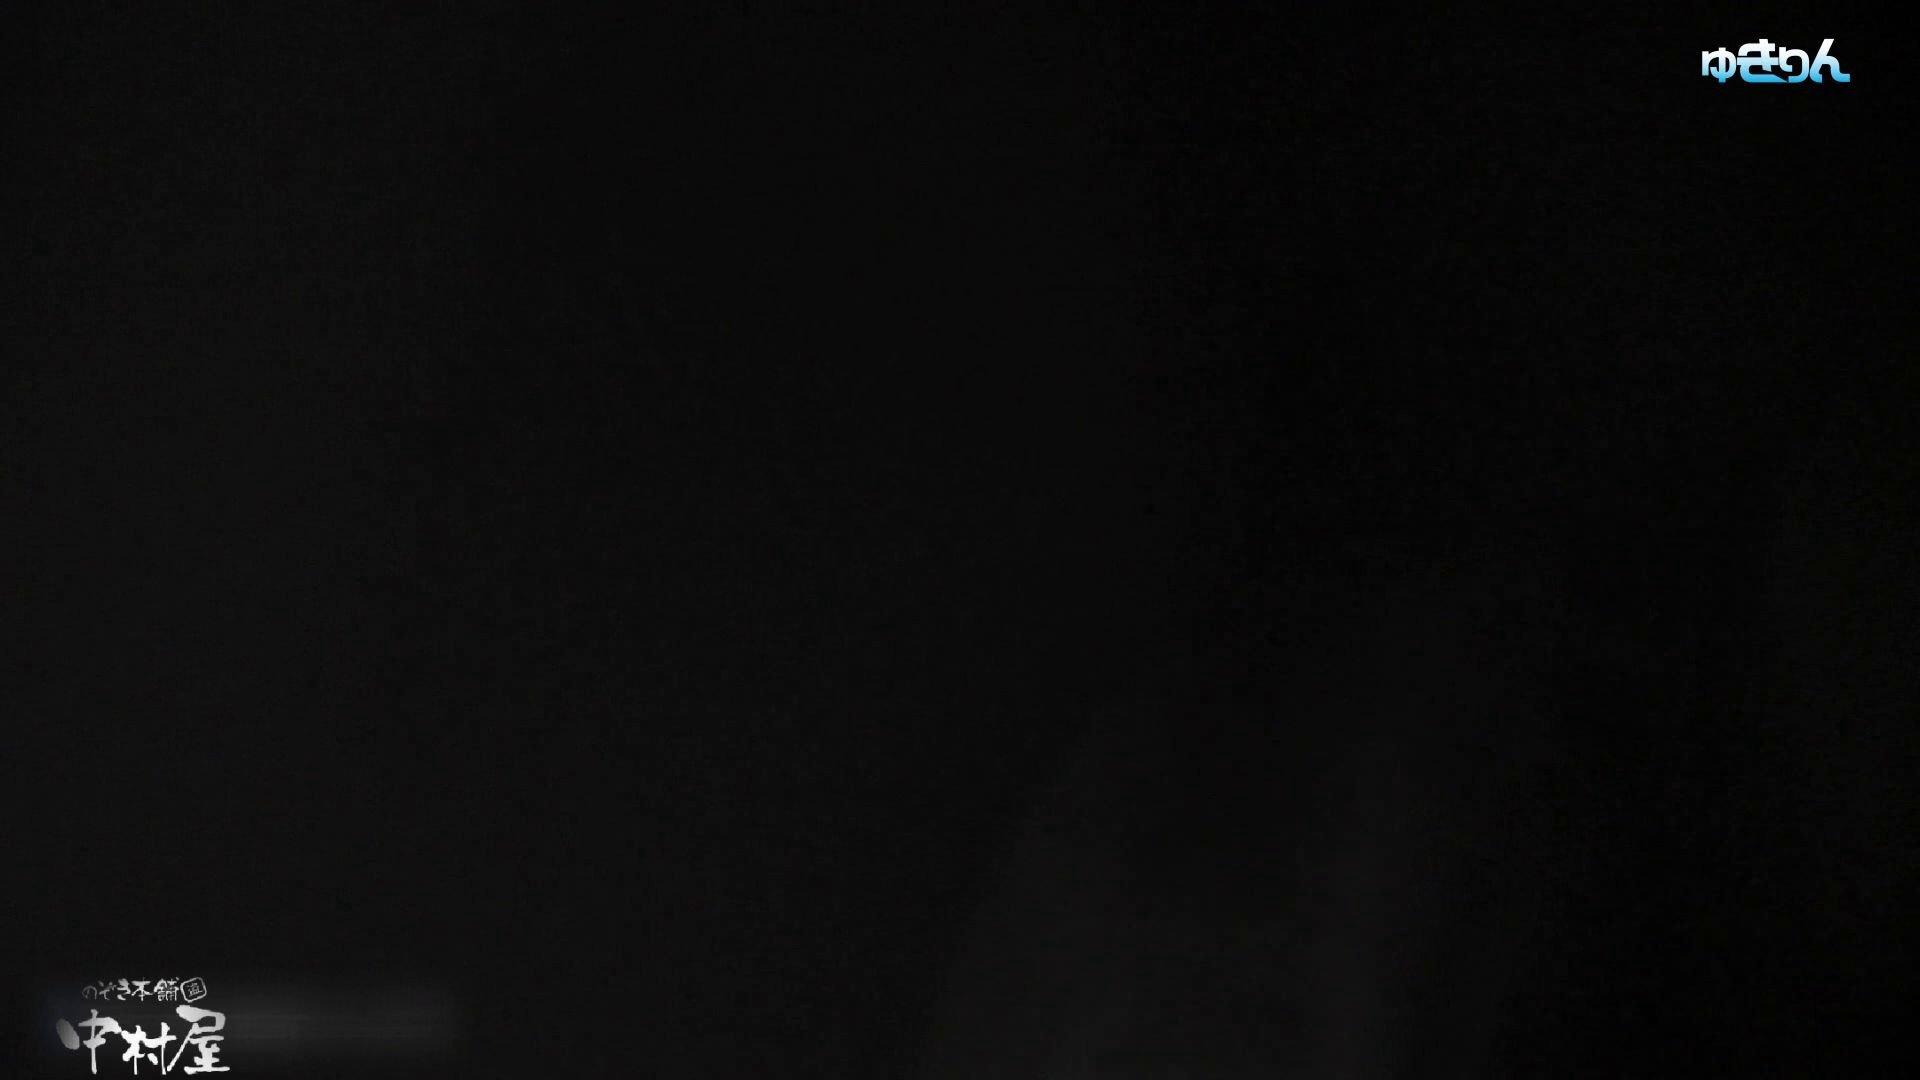 世界の射窓から~ステーション編 vol60 ユキリン粘着撮り!!今回はタイトなパンツが似合う美女 0  82pic 10